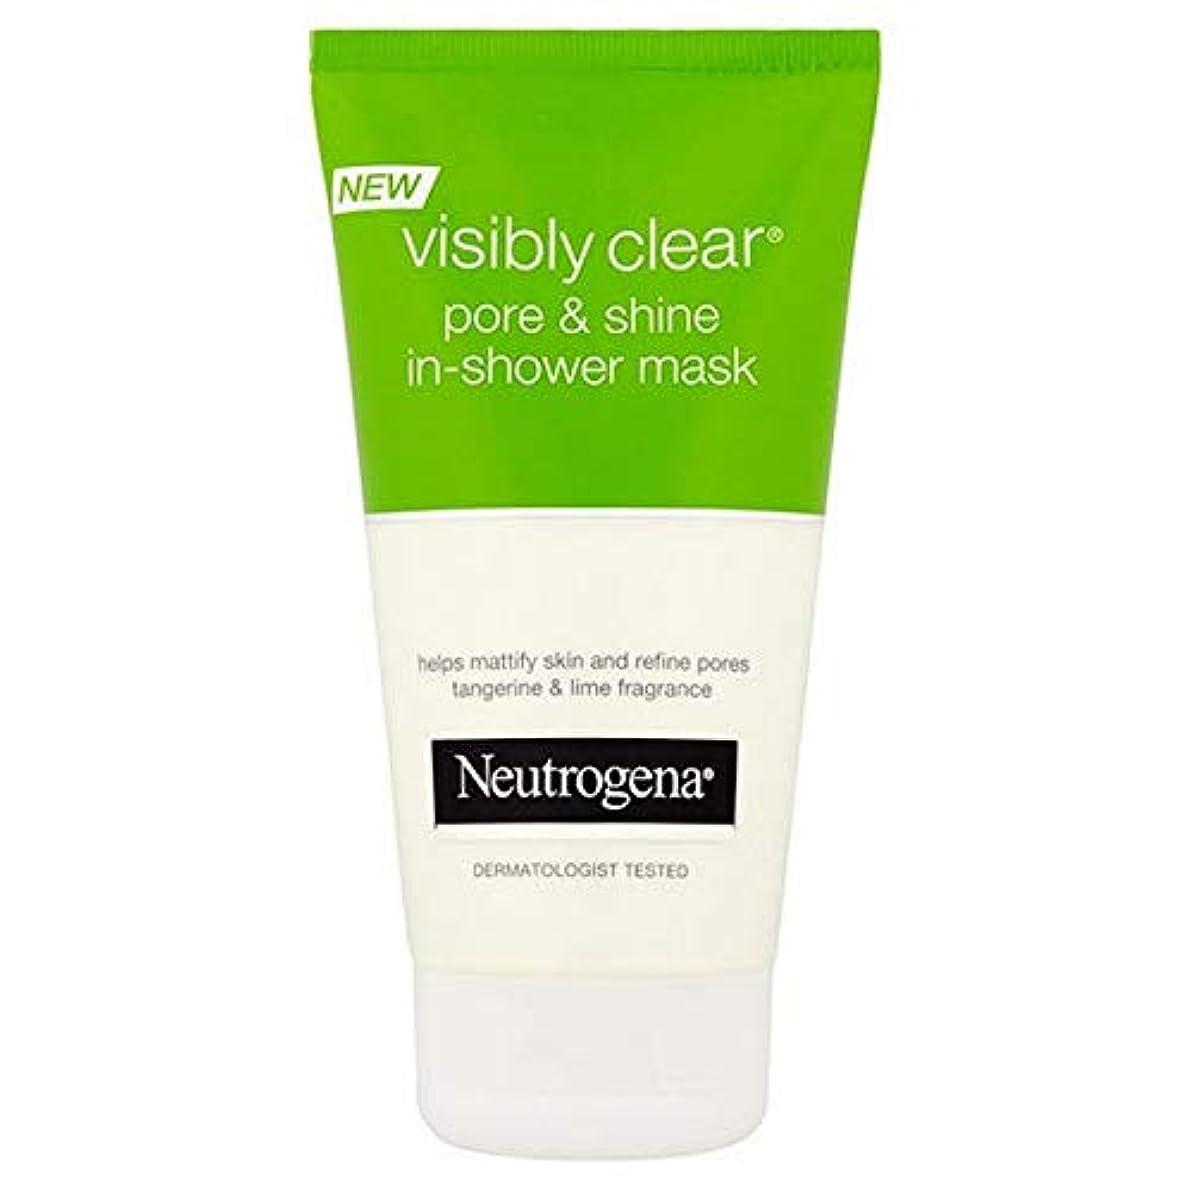 見つけたジェスチャー苦難[Neutrogena] シャワーマスク150ミリリットルでニュートロジーナ目に見えて明らかポア&輝き - Neutrogena Visibly Clear Pore & Shine In Shower Mask 150ml...